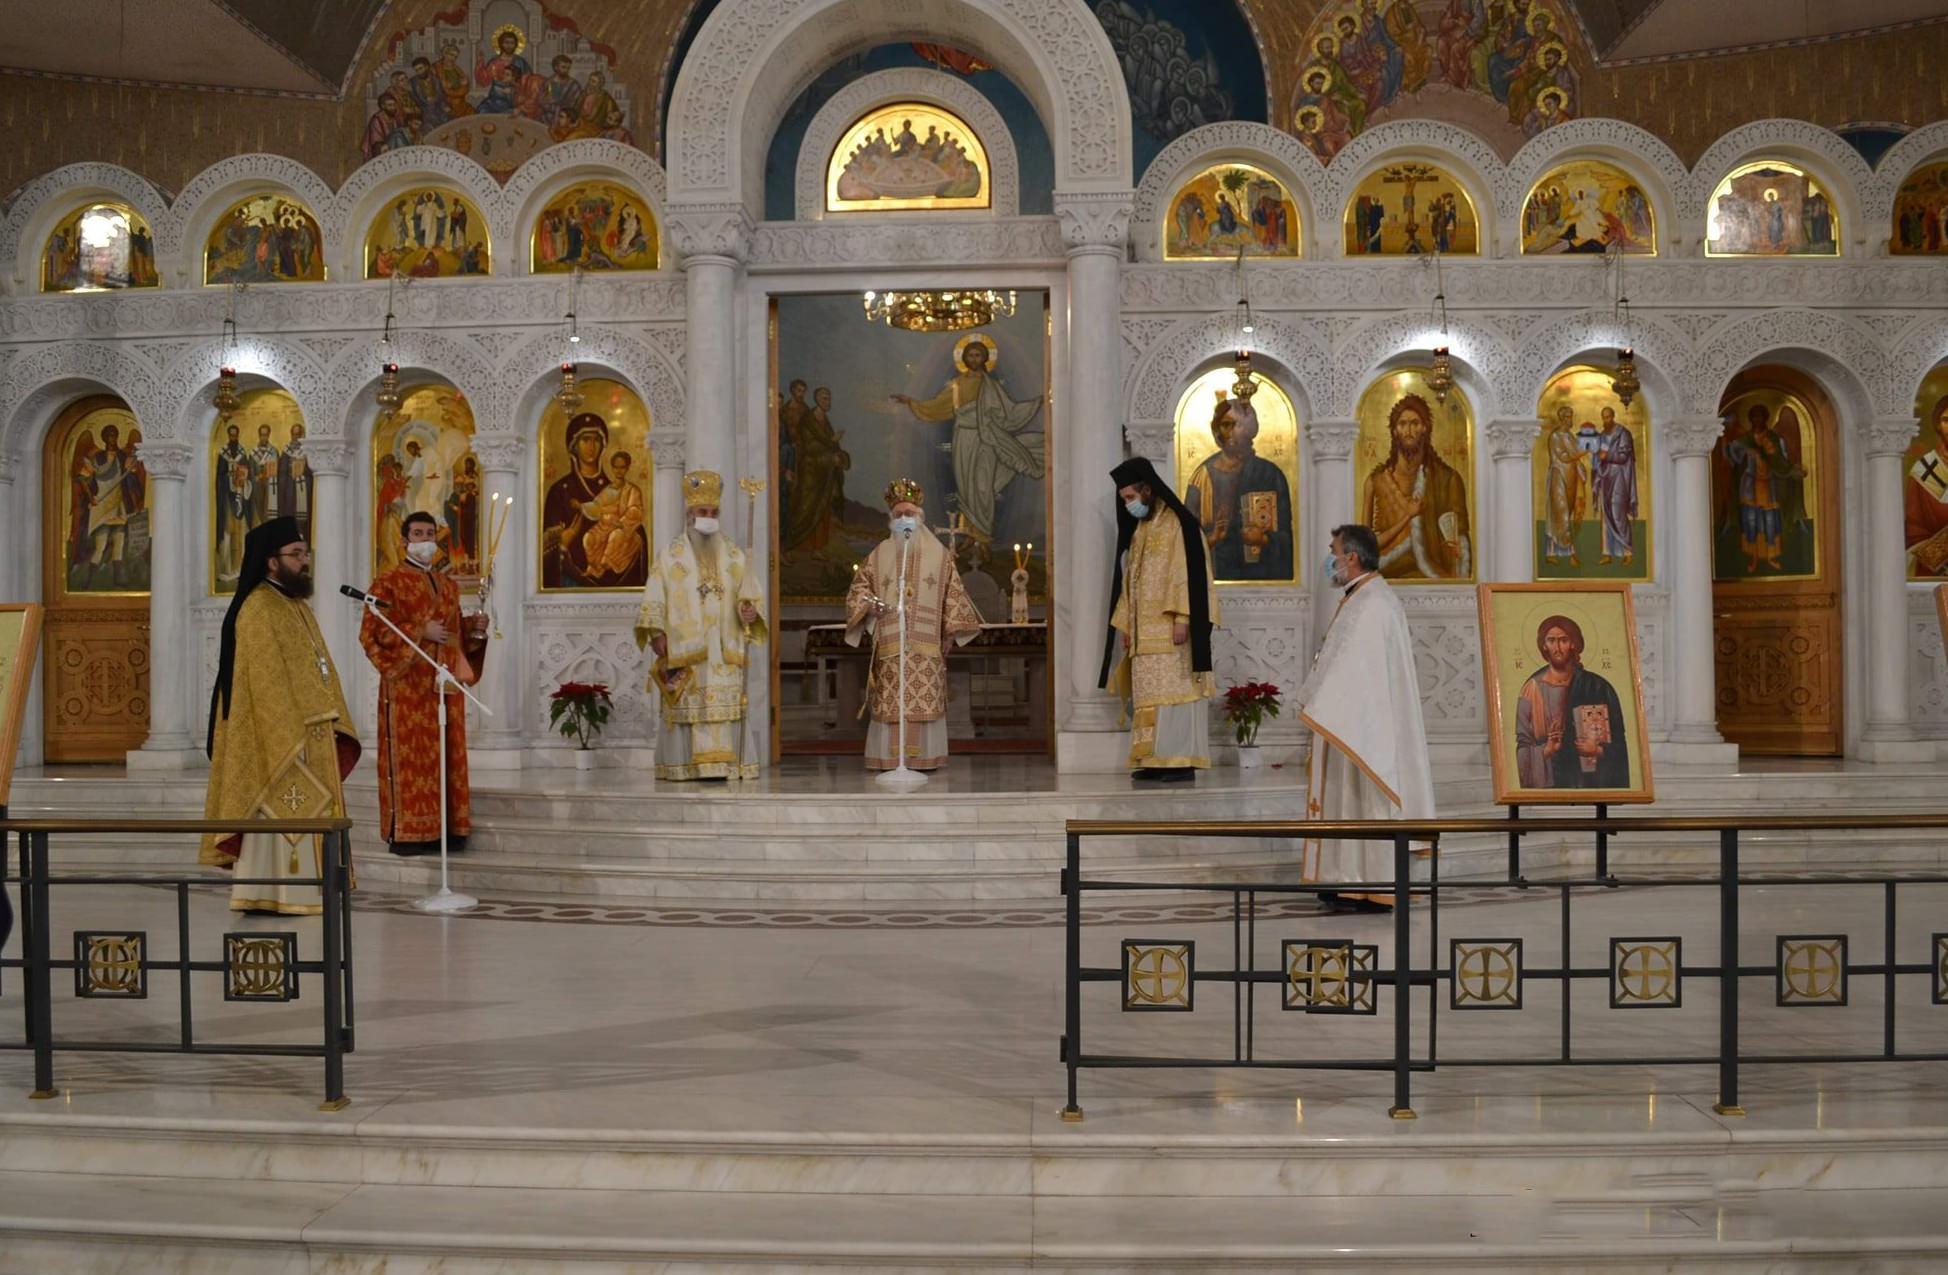 Αρχιεπίσκοπος Αναστάσιος Χριστούγεννα 2020